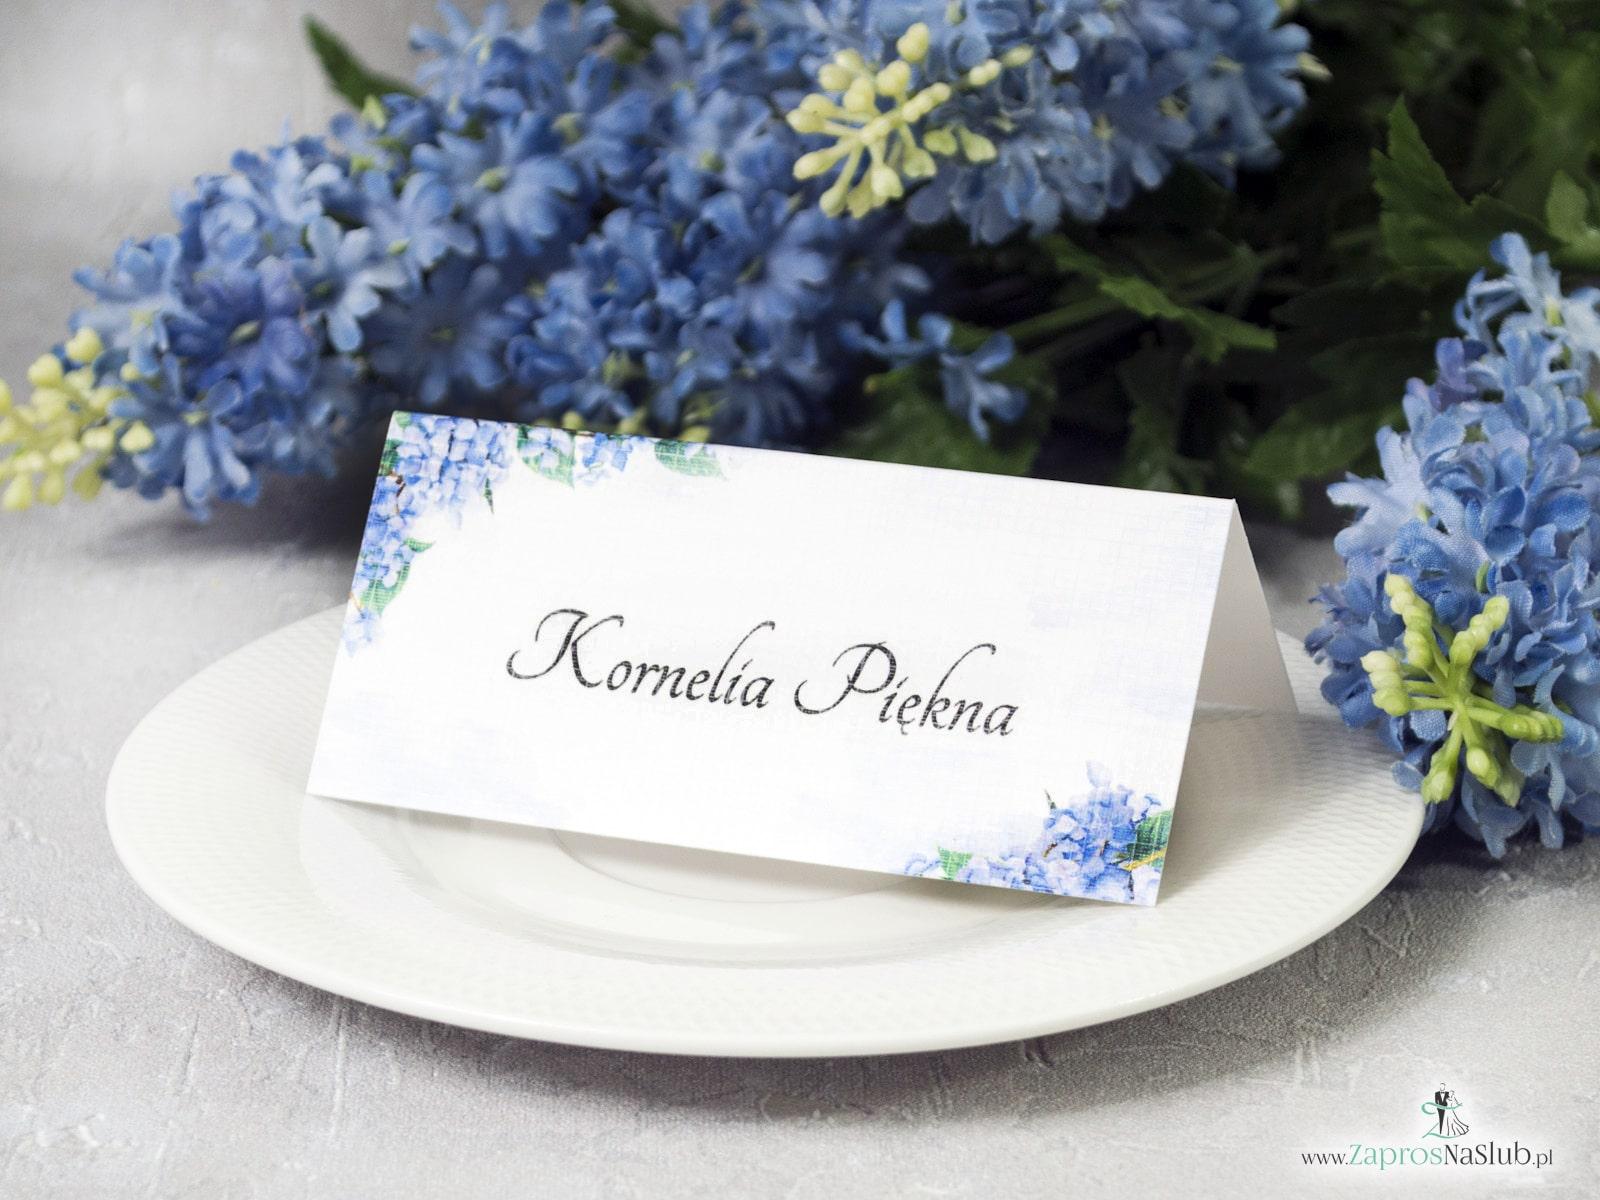 Modne zaproszenia ślubne z geometrycznym sercem i motywem kwiatów hortensji. ZAP-41-11